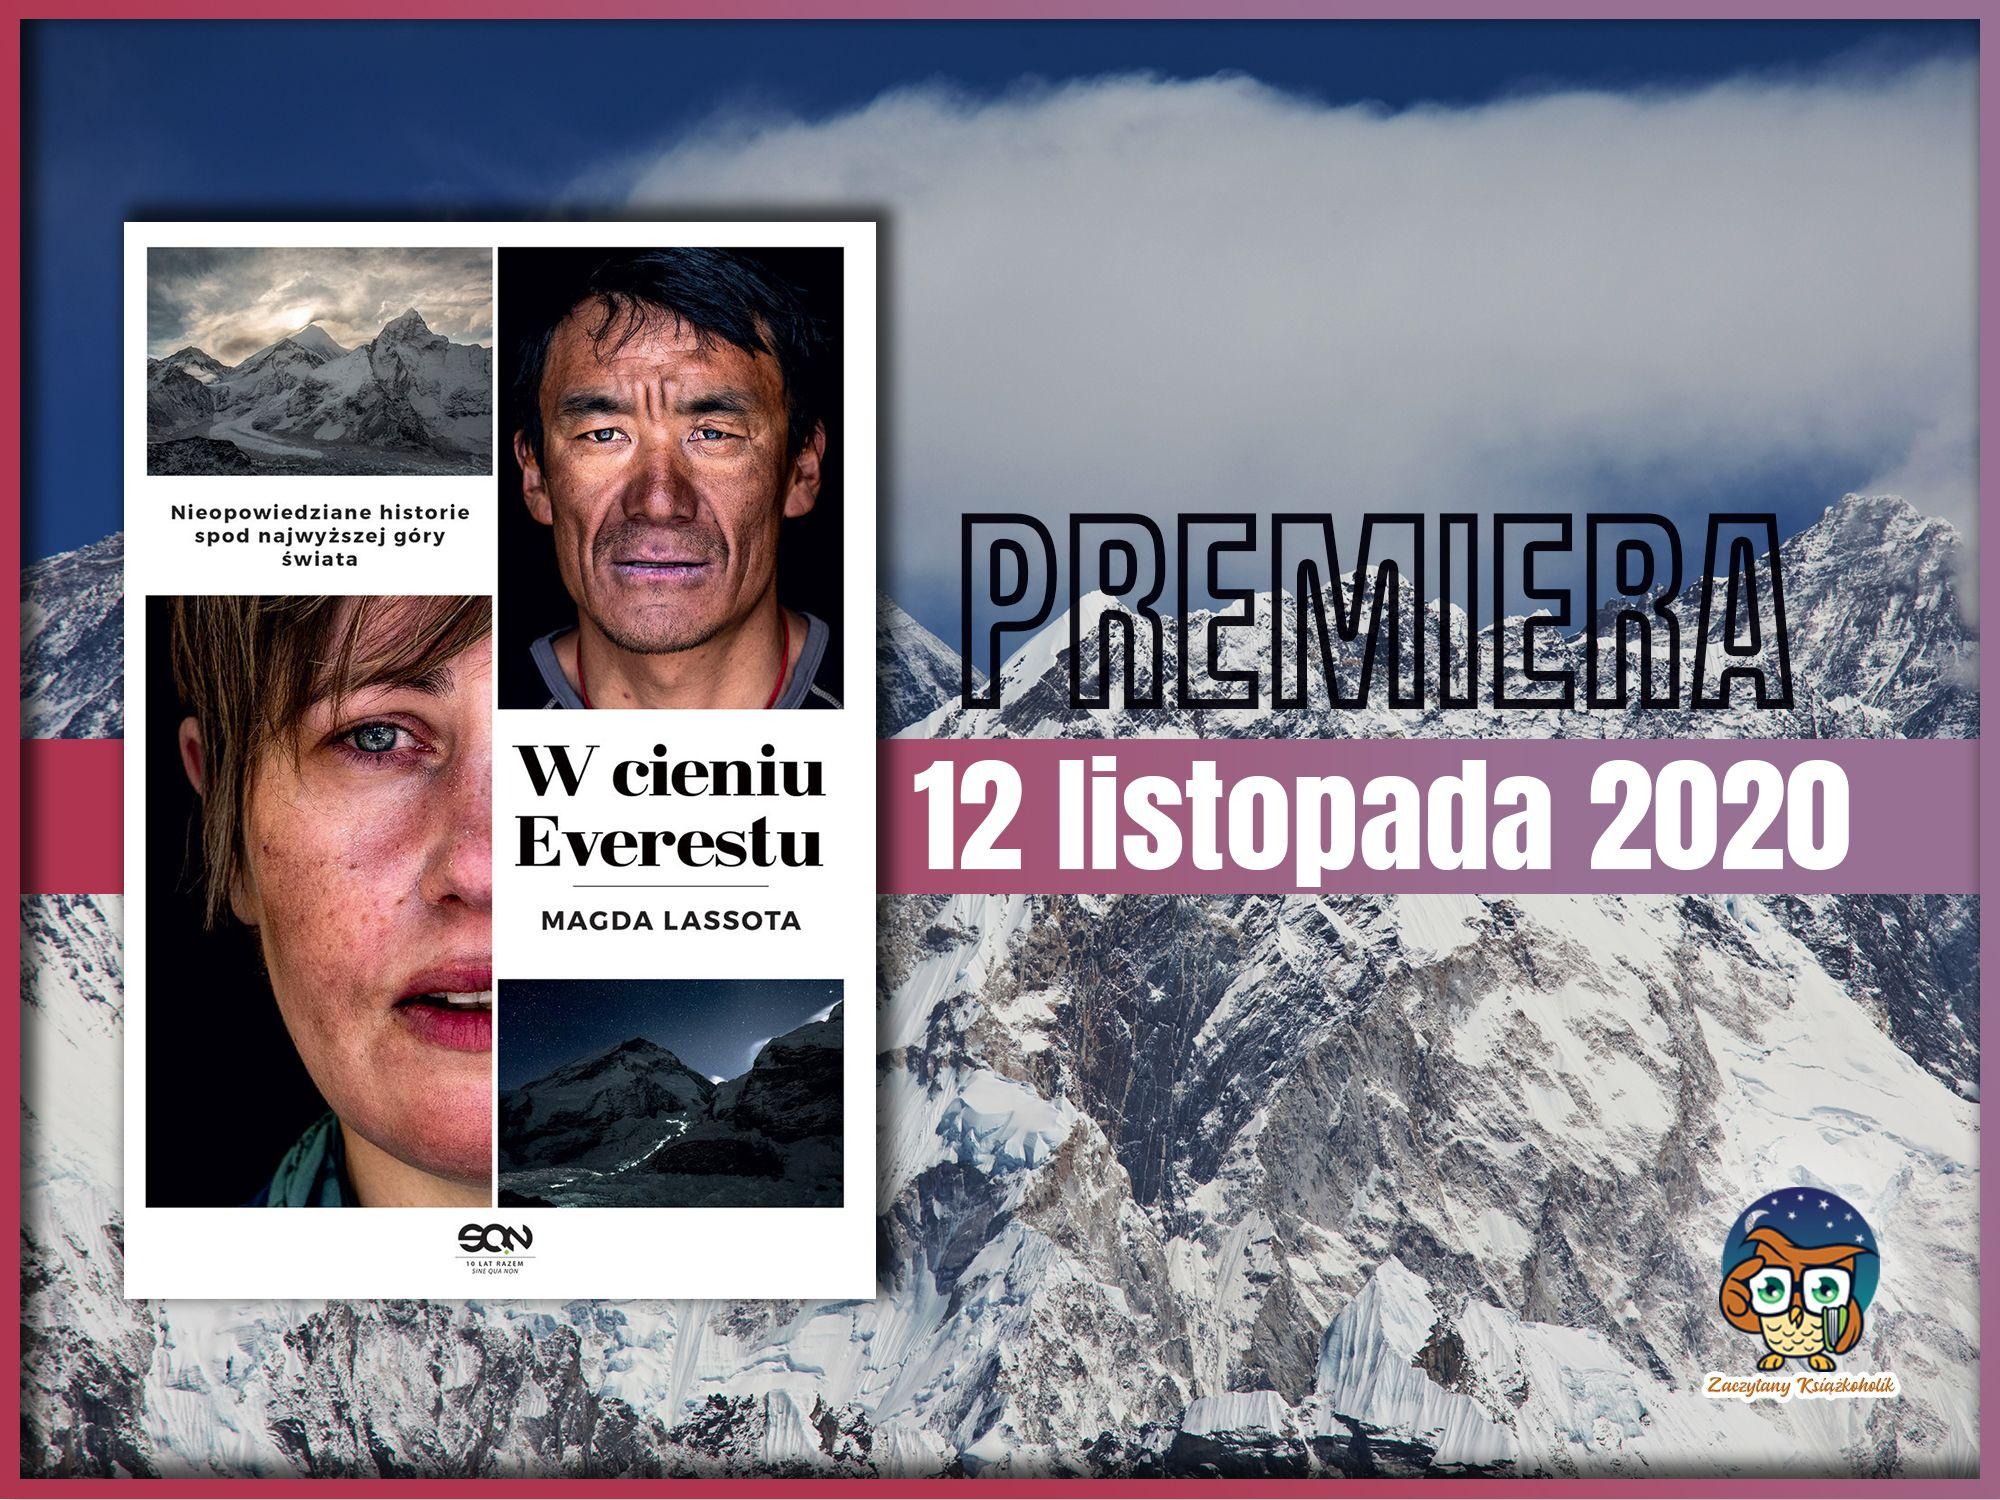 W cieniu Everestu, Magda lasota, zaczytanyksiazkoholik.pl